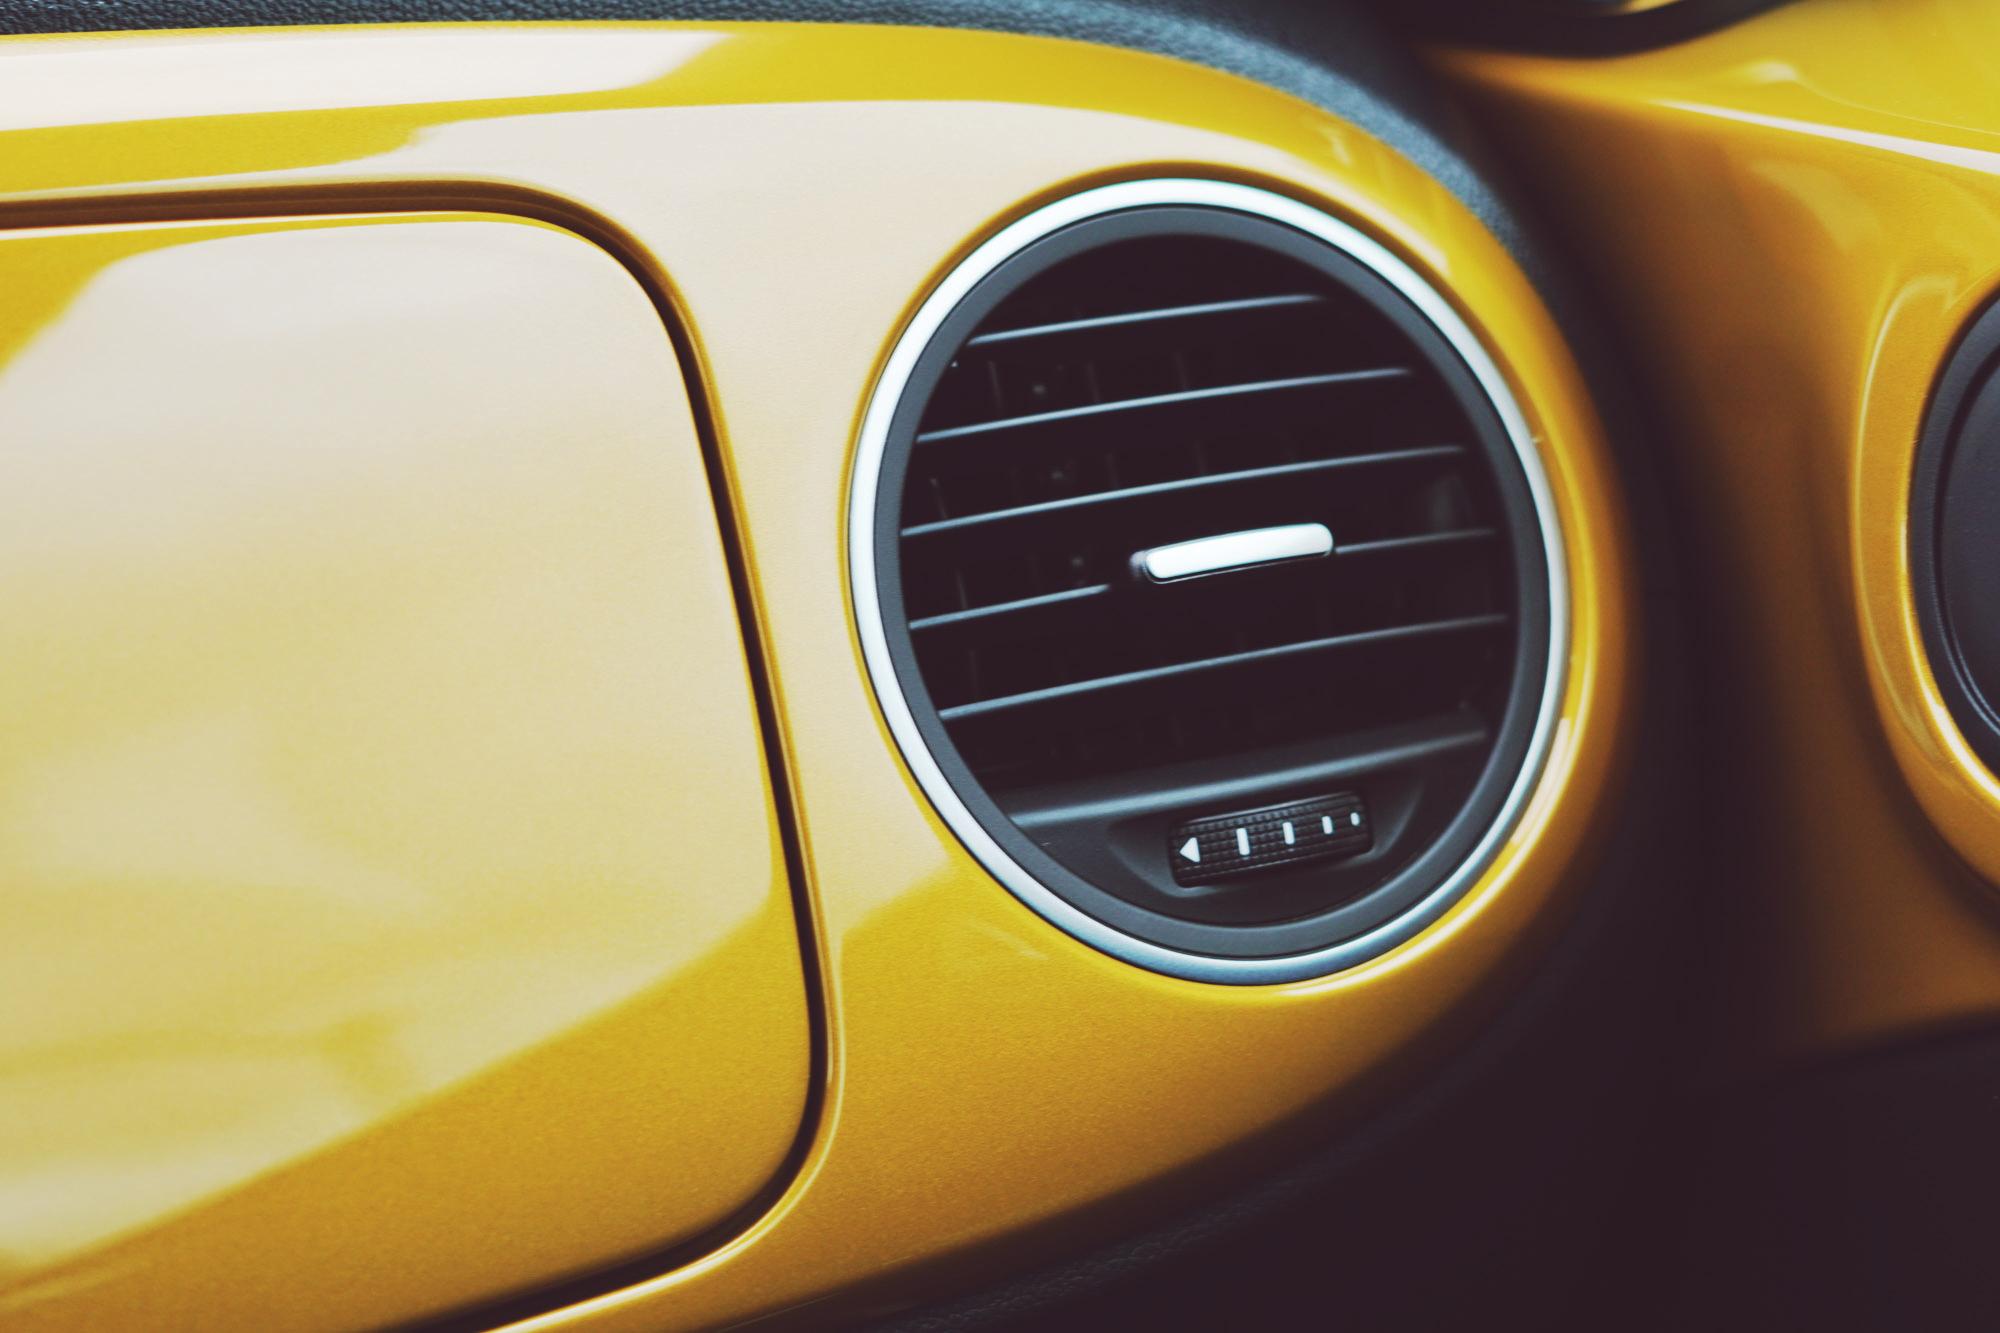 Vintage Feel Of the Volkswagen Dune Convertible